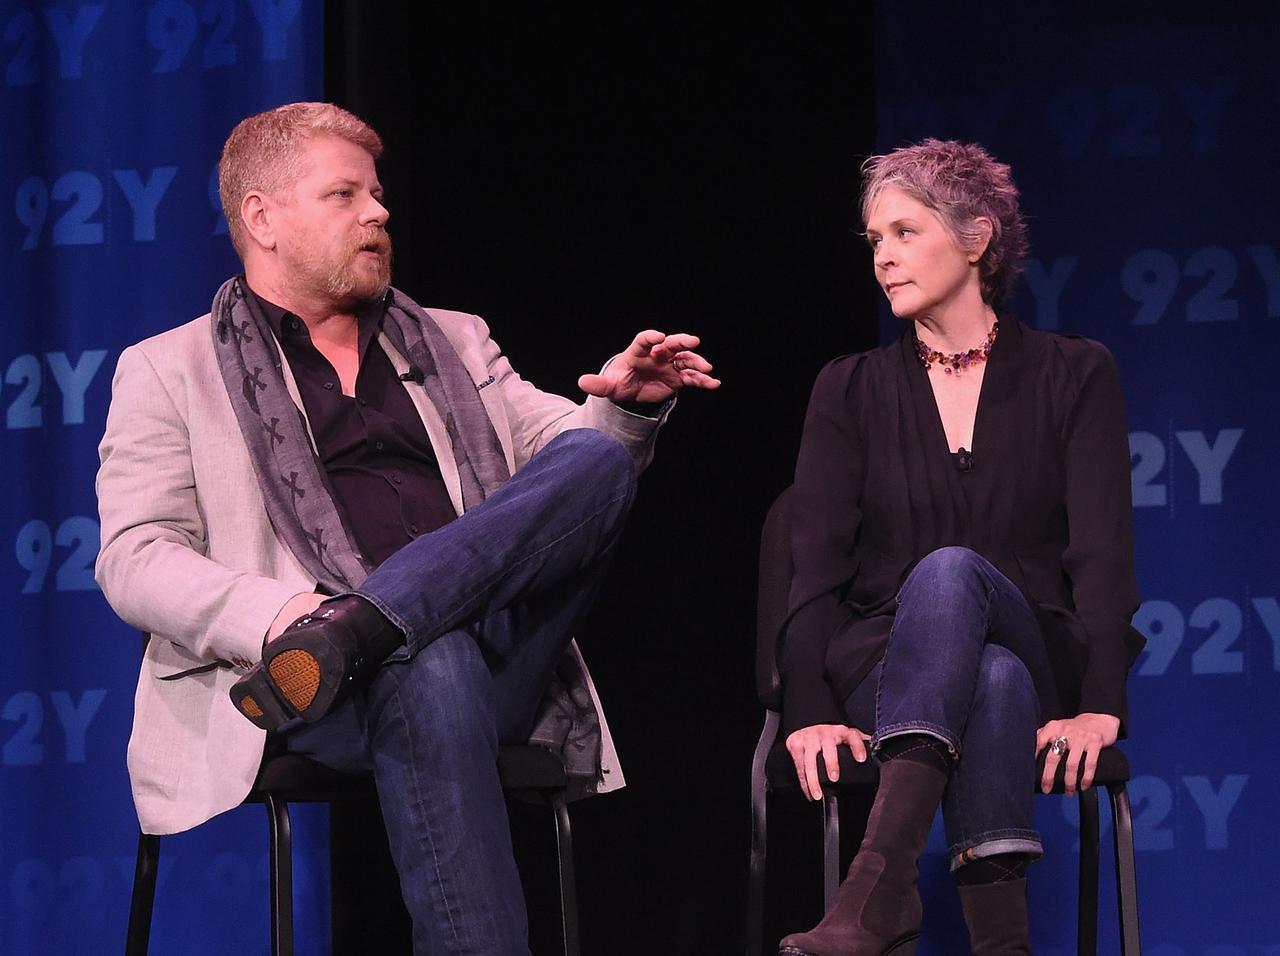 画像: マイケル・カドリッツとメリッサ・マクブライド。